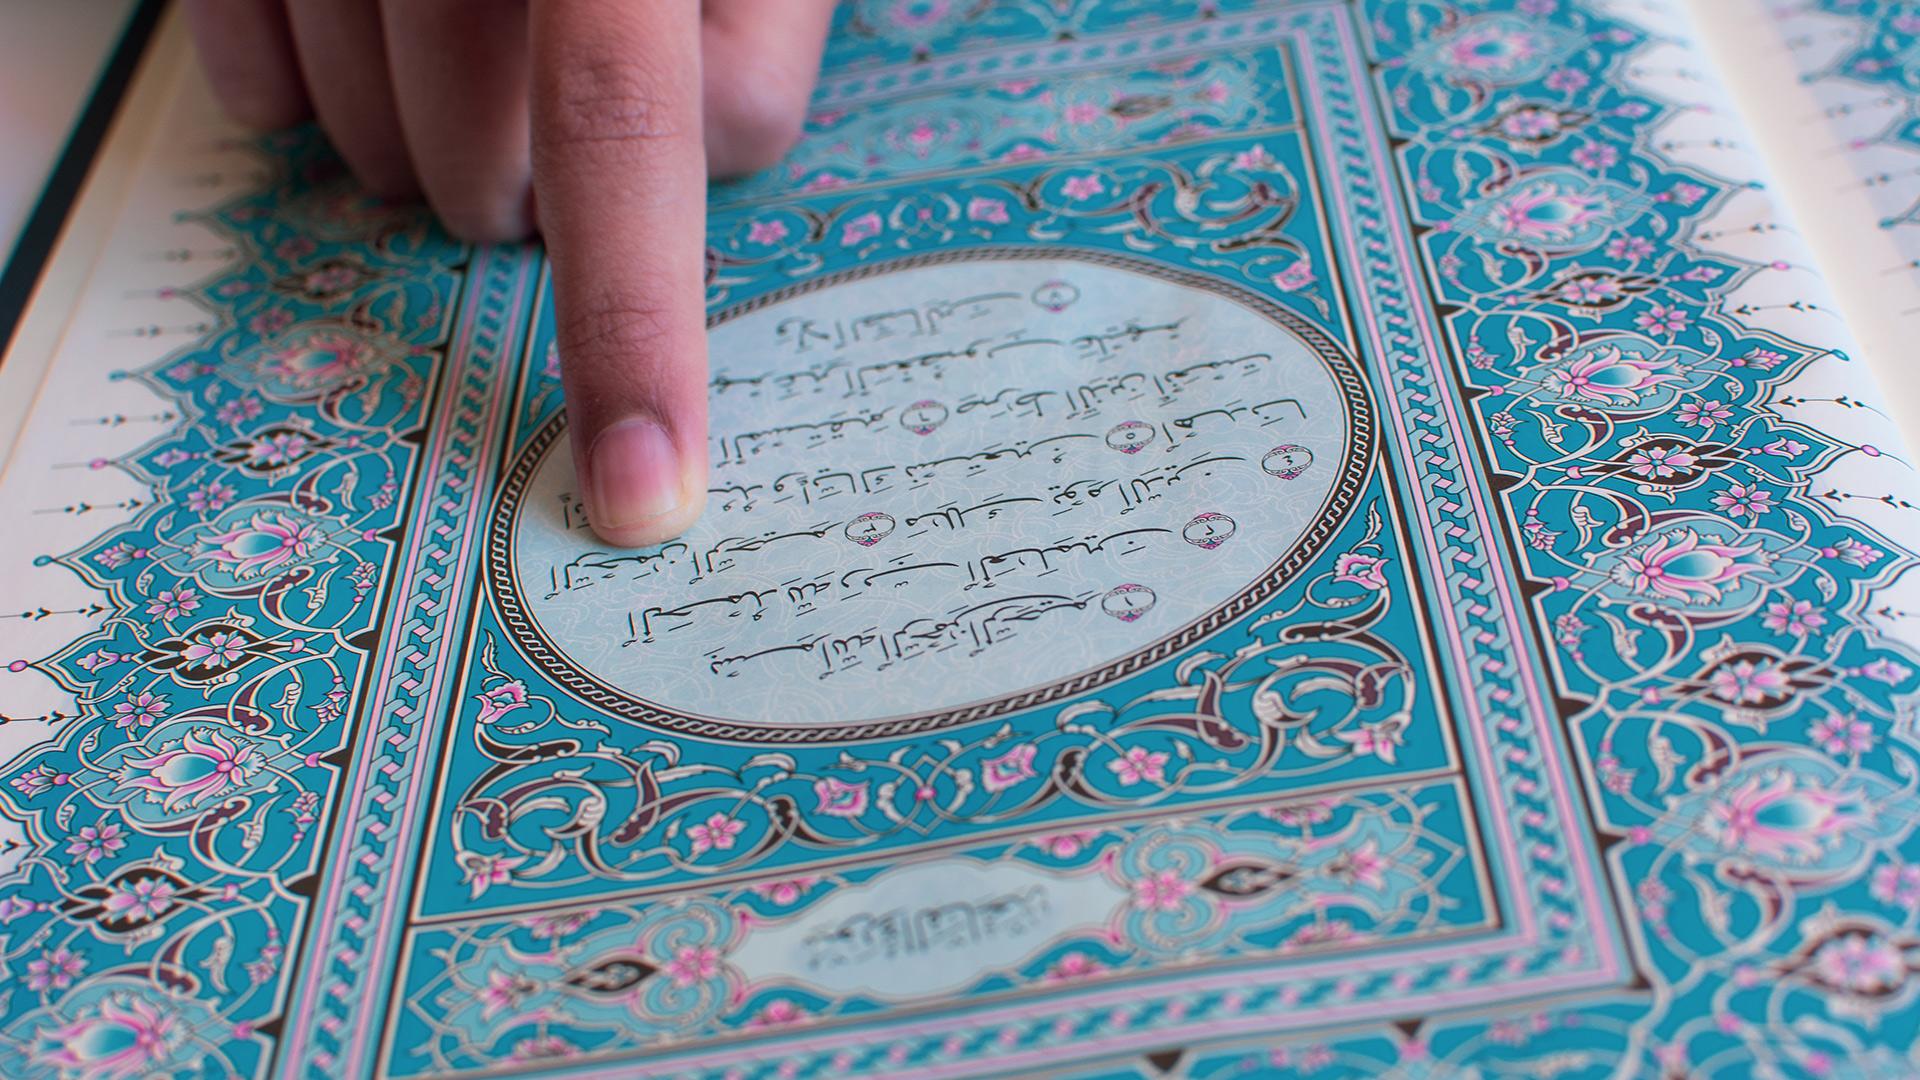 Bina-Qurani-Alquran-30-Juz-Photo-By-Ramin-Labisheh-From-Unsplash